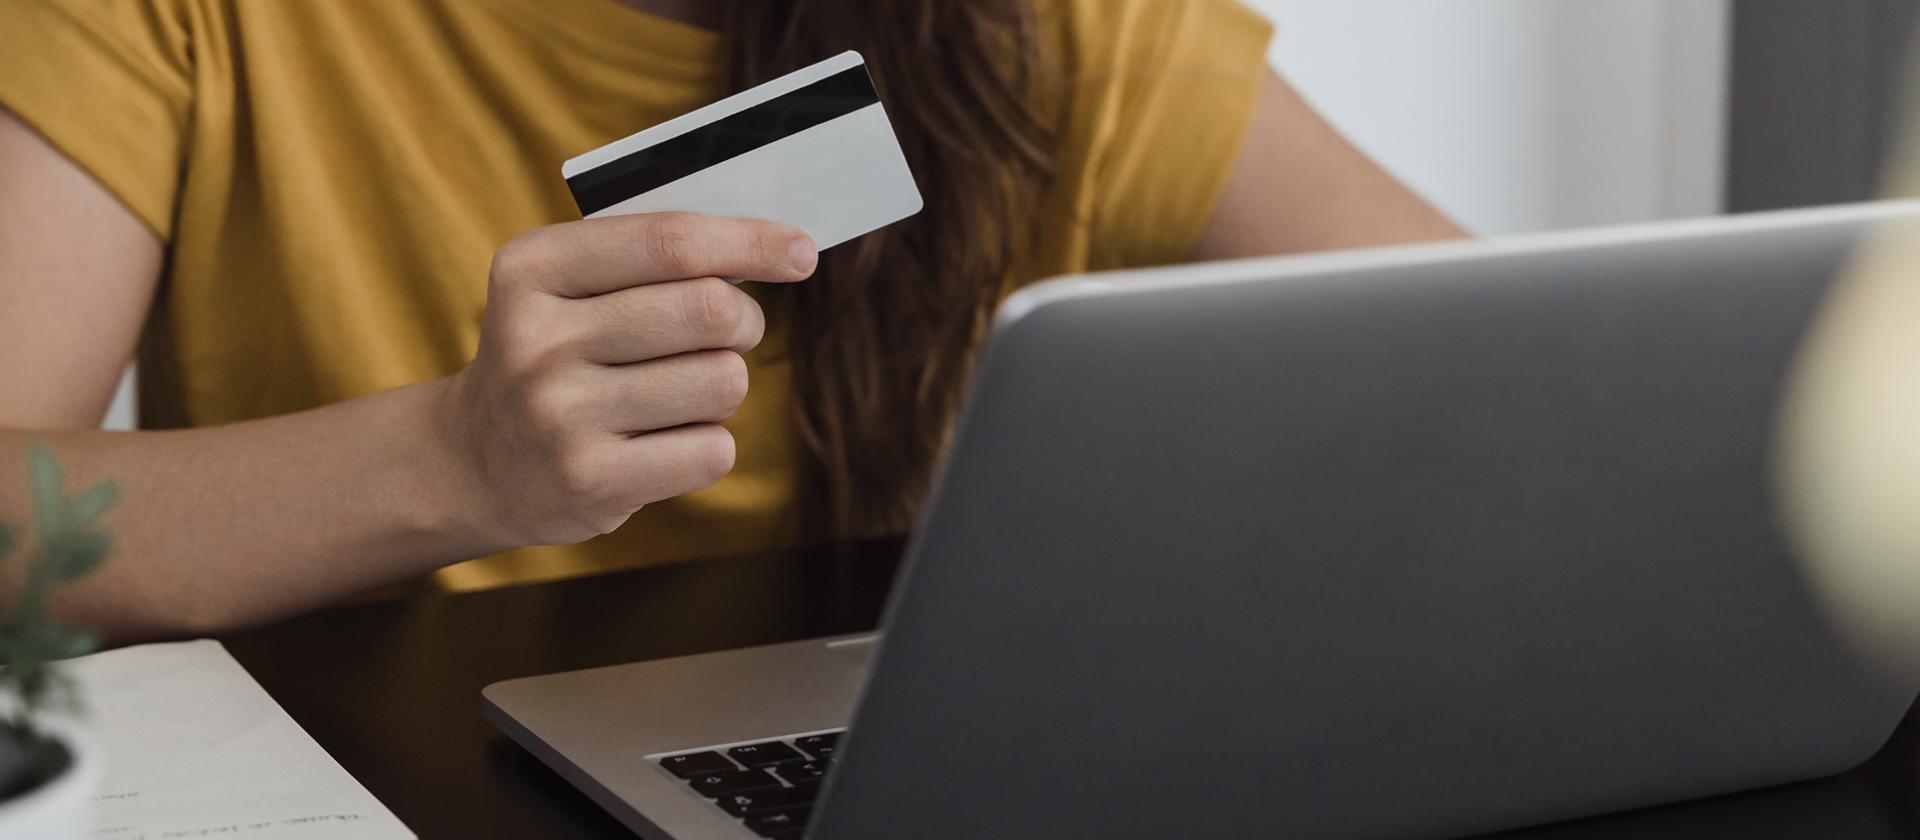 La oportunidad en el <nobr>e-commerce</nobr>